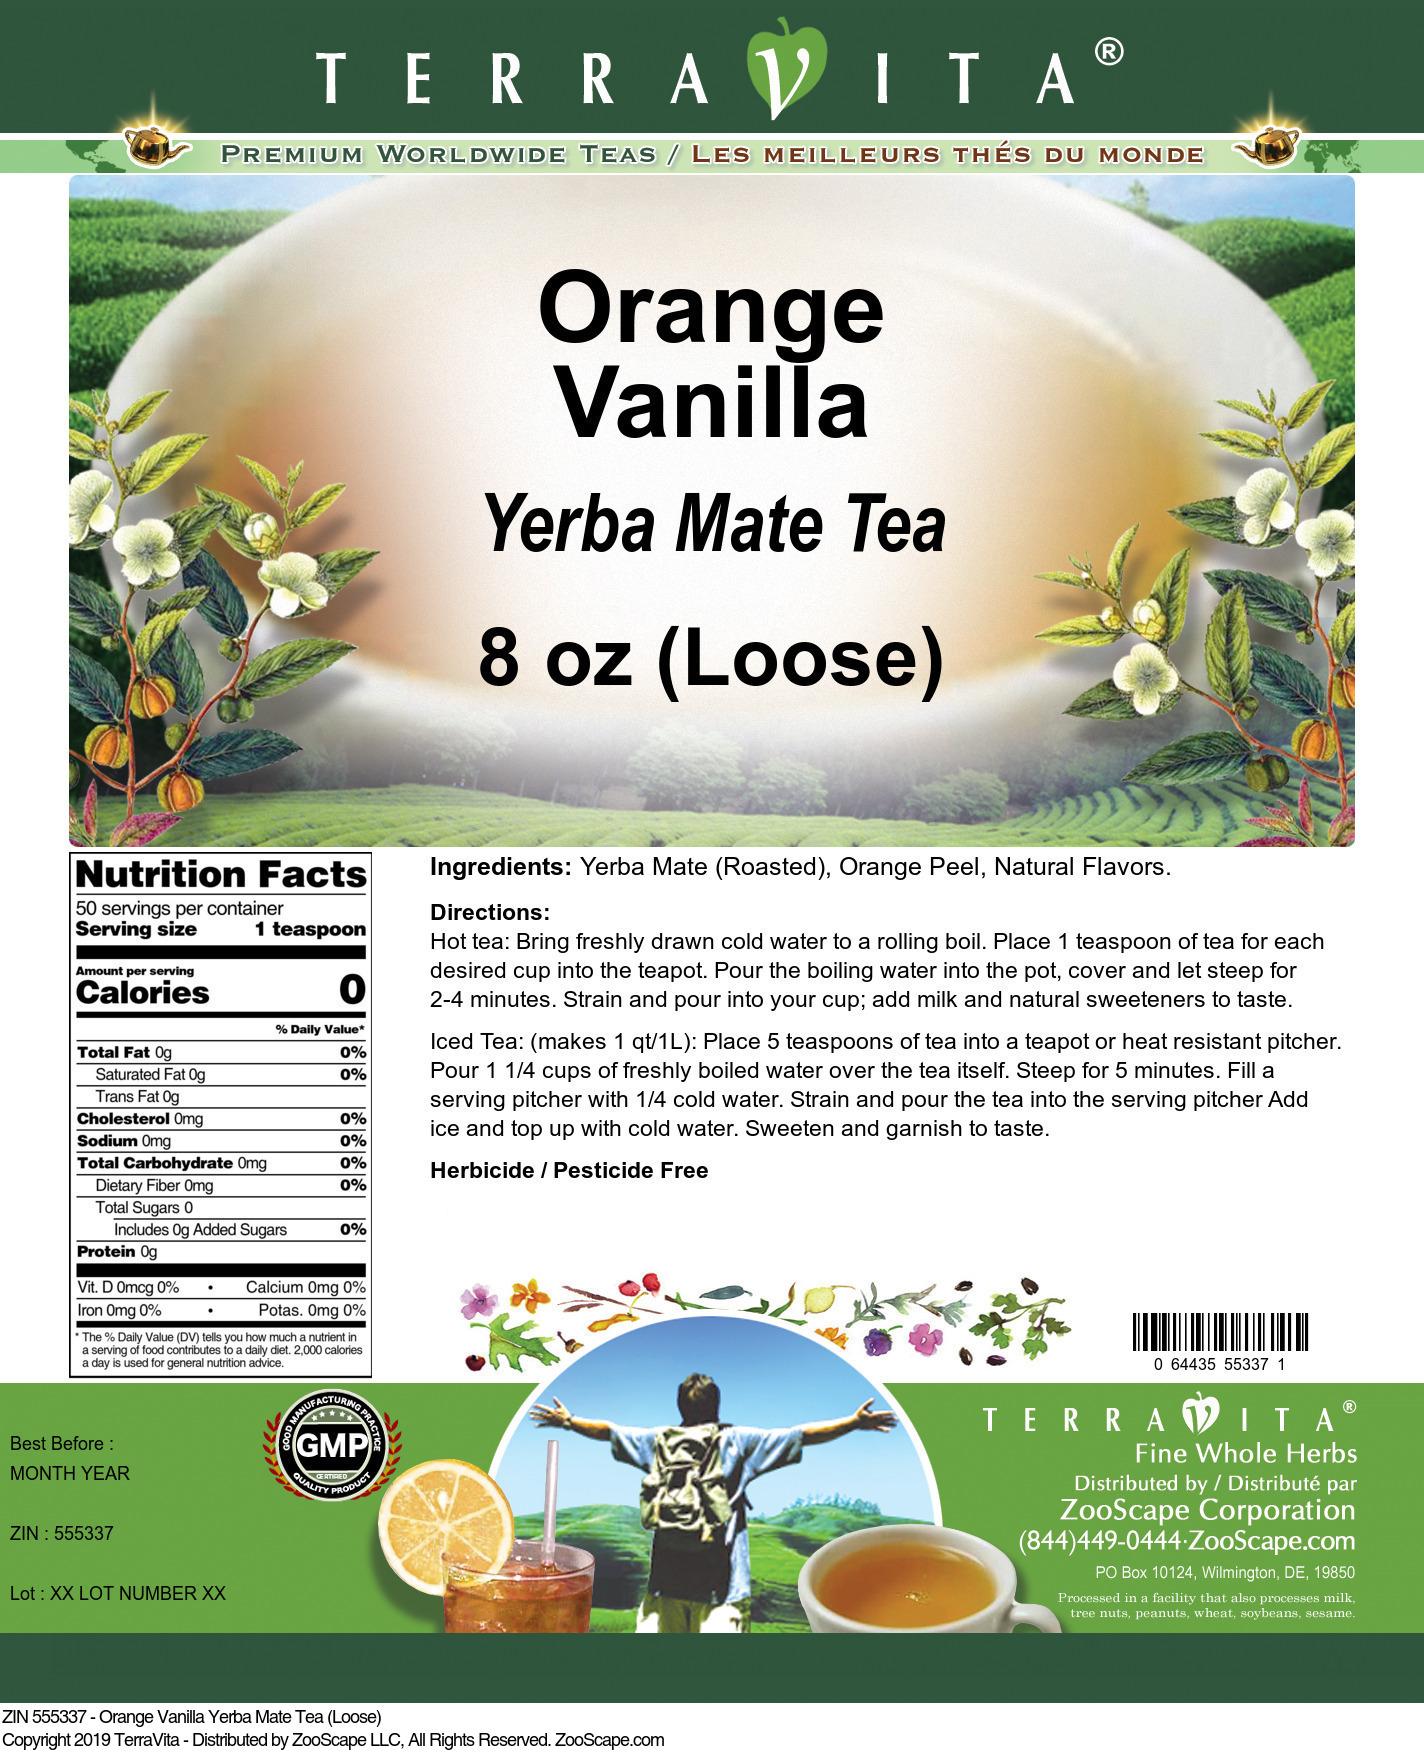 Orange Vanilla Yerba Mate Tea (Loose)